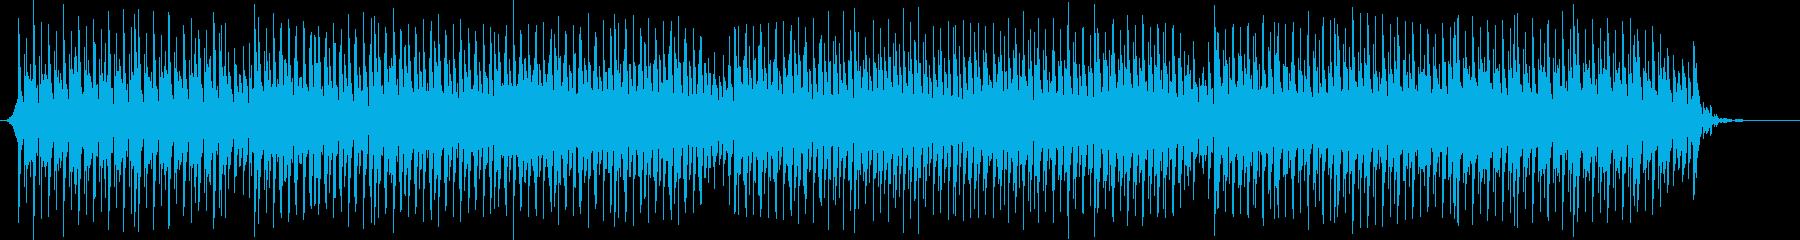 ニュース読みのBGM/四つ打ち/テクノ系の再生済みの波形